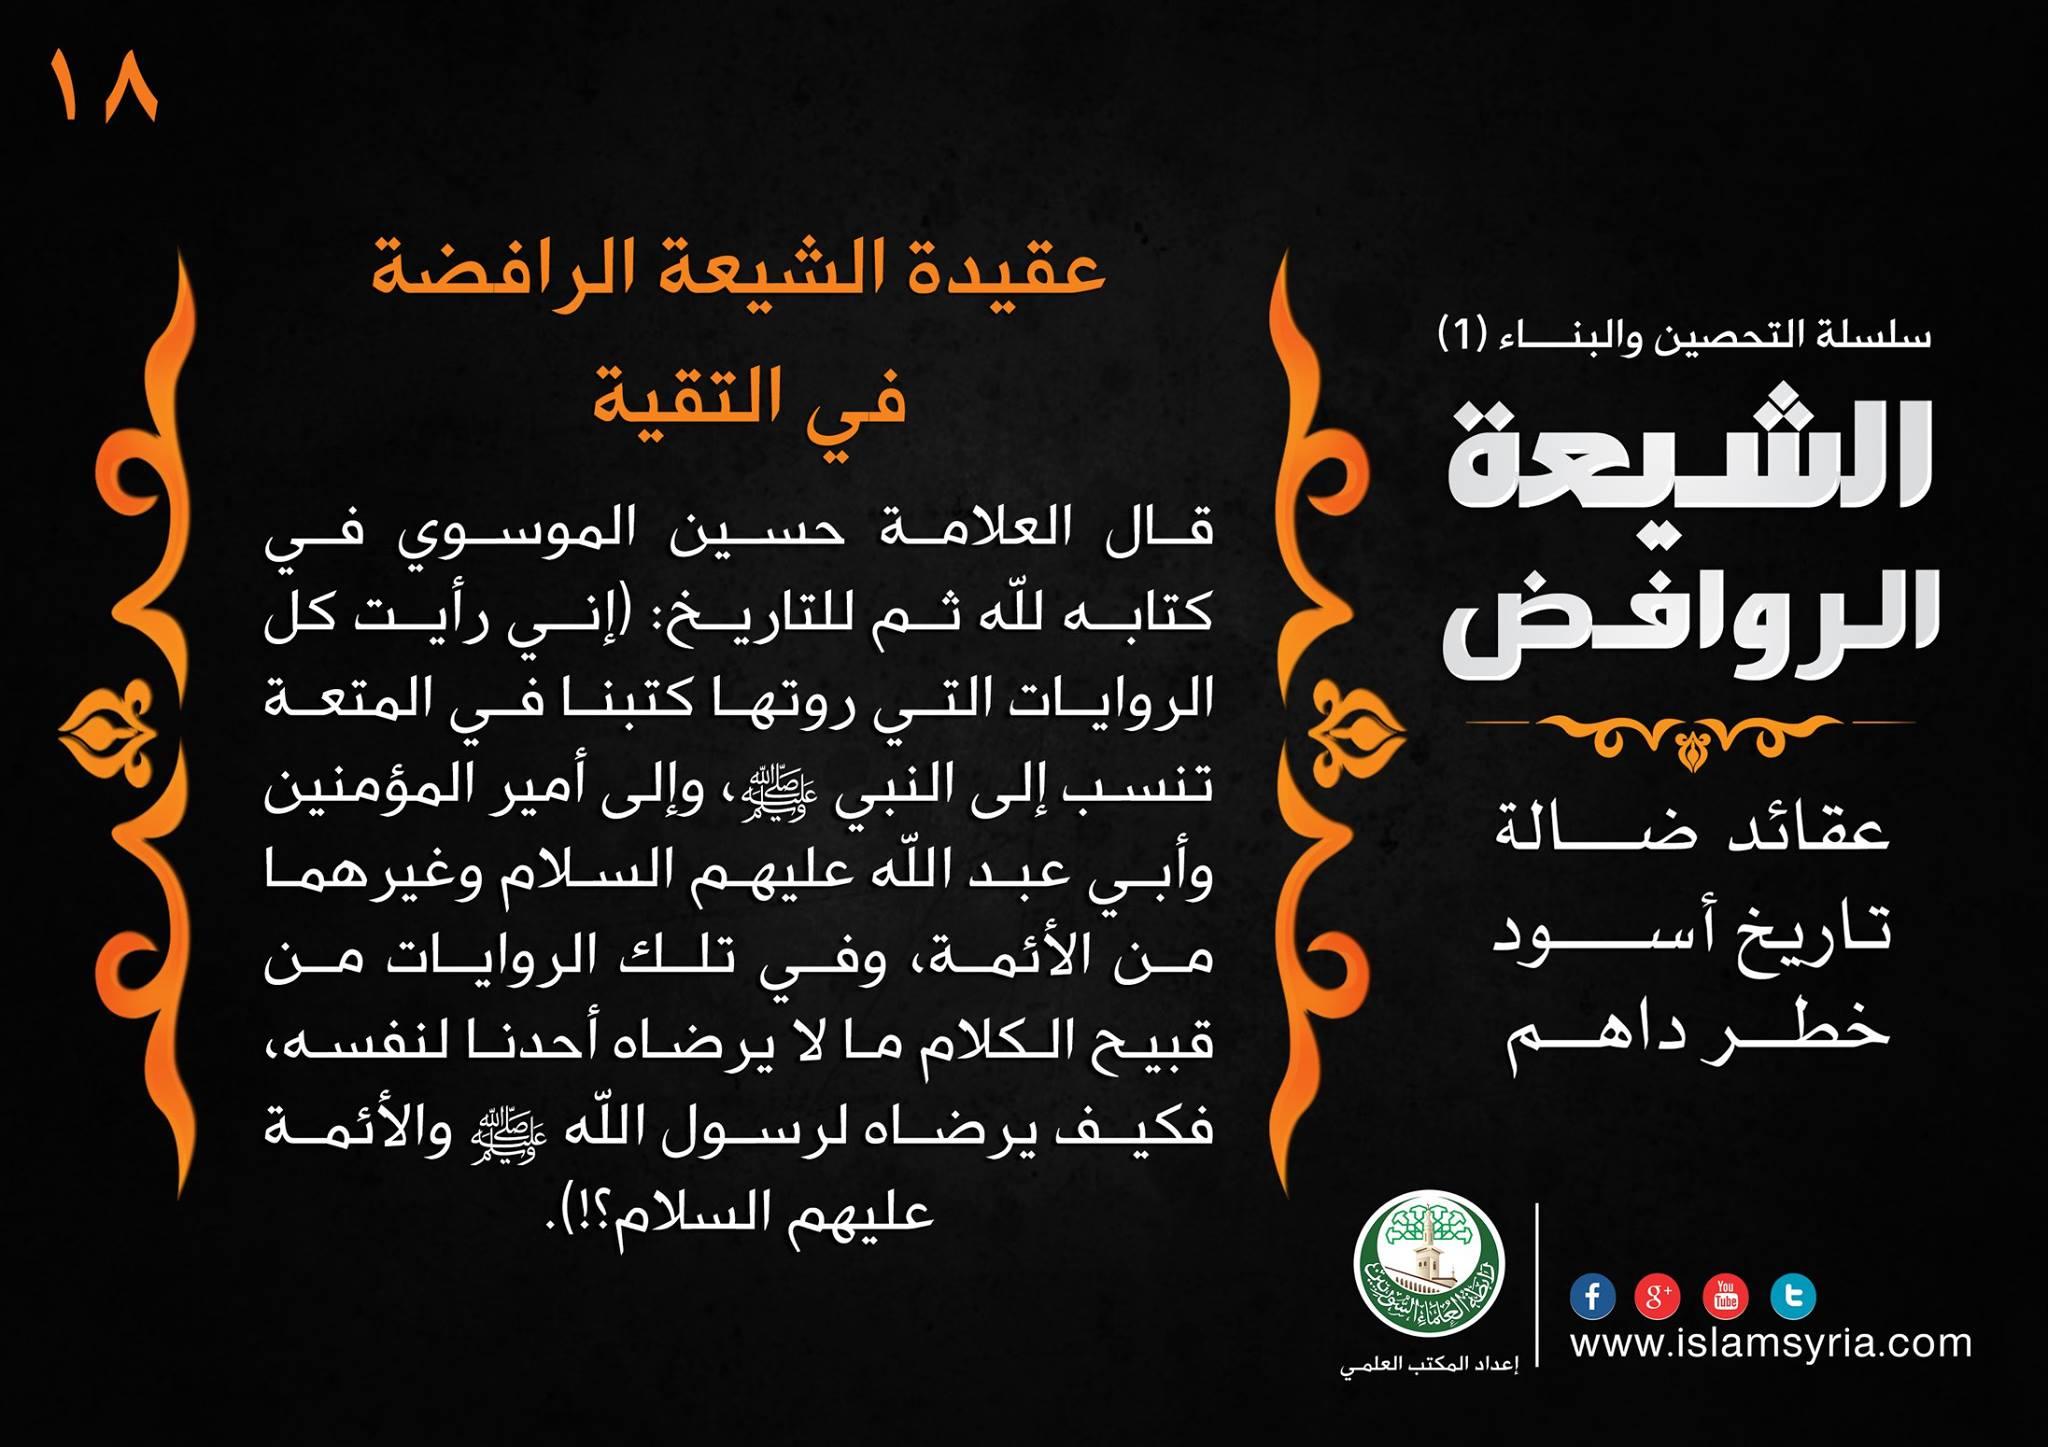 سلسلة التحصين والبناء -18- الشيعة الروافض